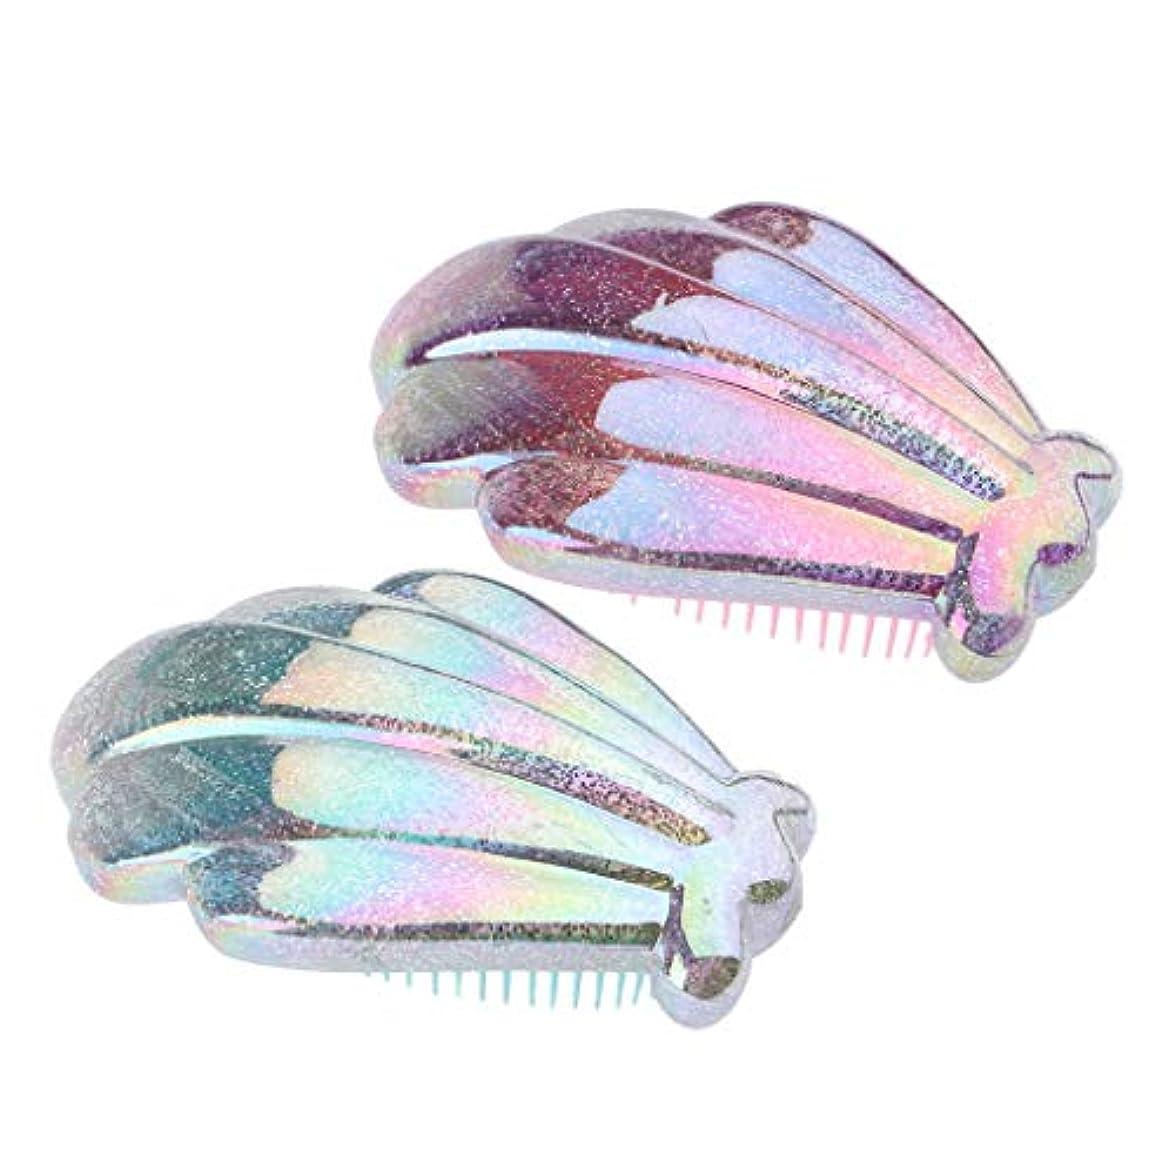 同様にすばらしいですアジャSharplace ヘアブラシ クッションブラシ コーム 櫛 ヘアケア 髪 美髪ケア 静電気防止 頭皮マッサージ 2個入